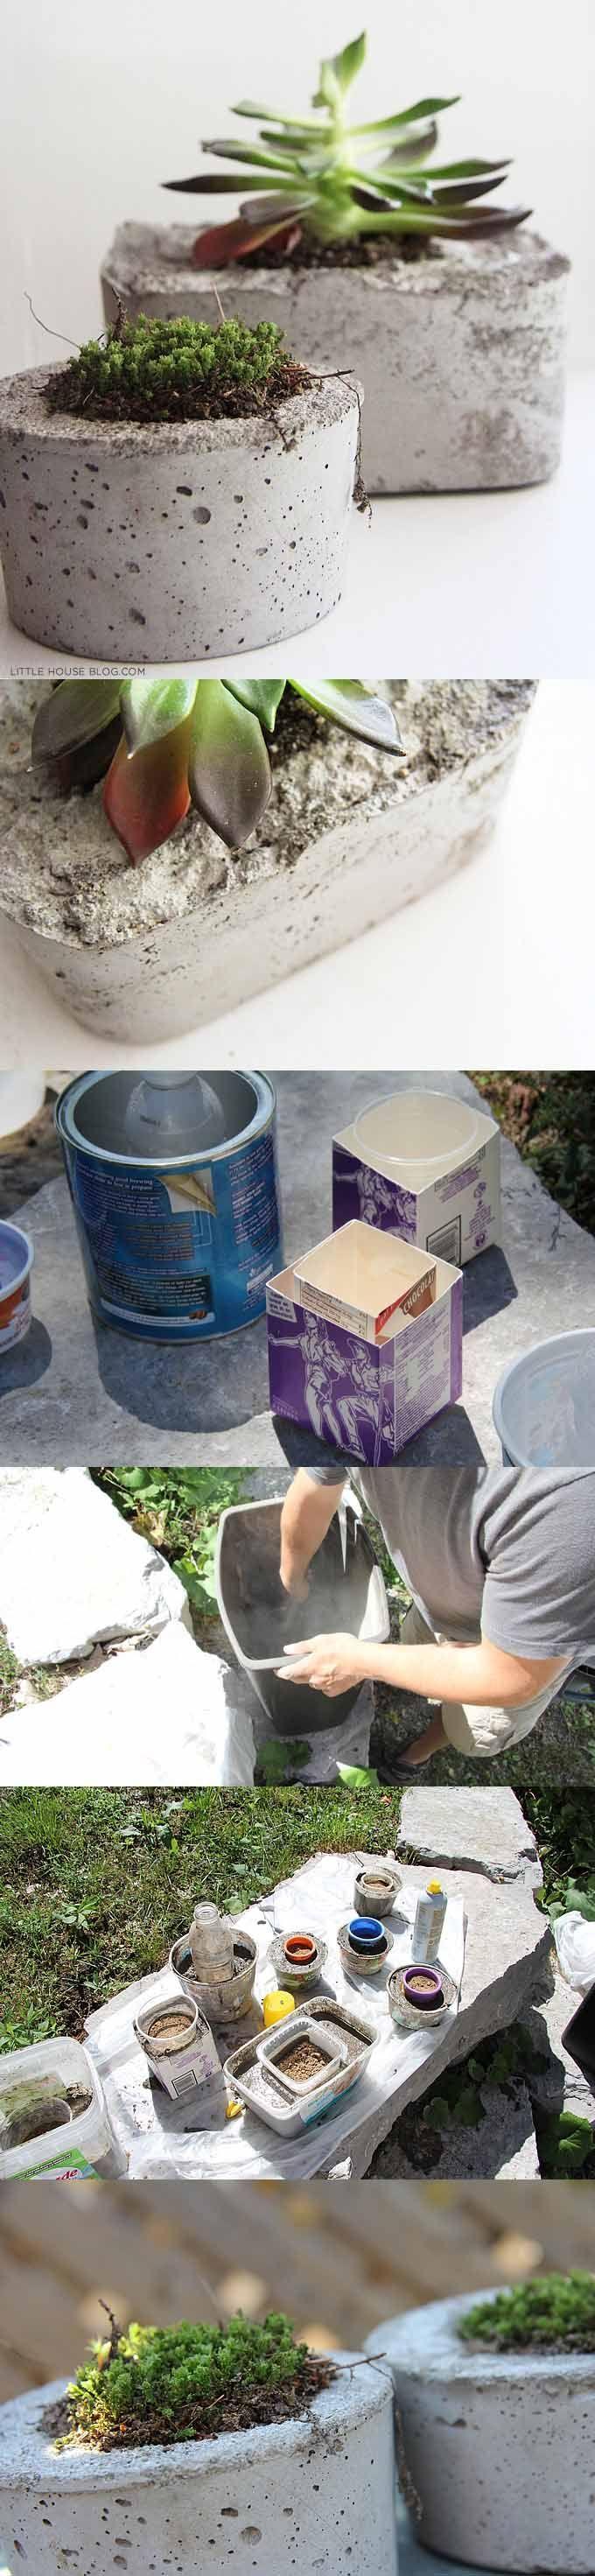 Maceteros de cemento!